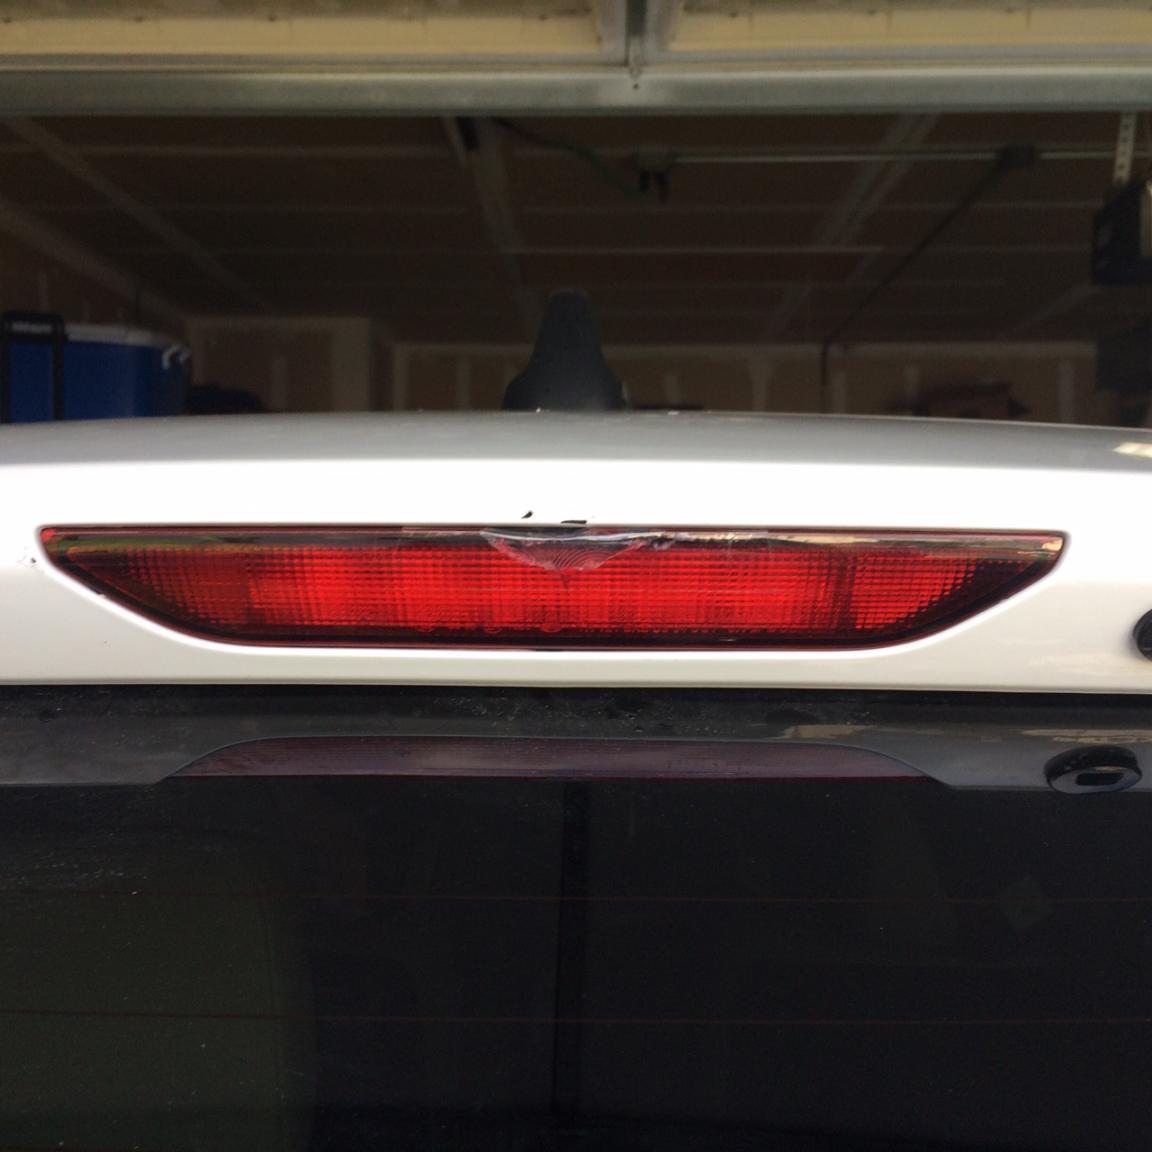 Replacement 3rd Brake Light Lens Img 0363 Jpg